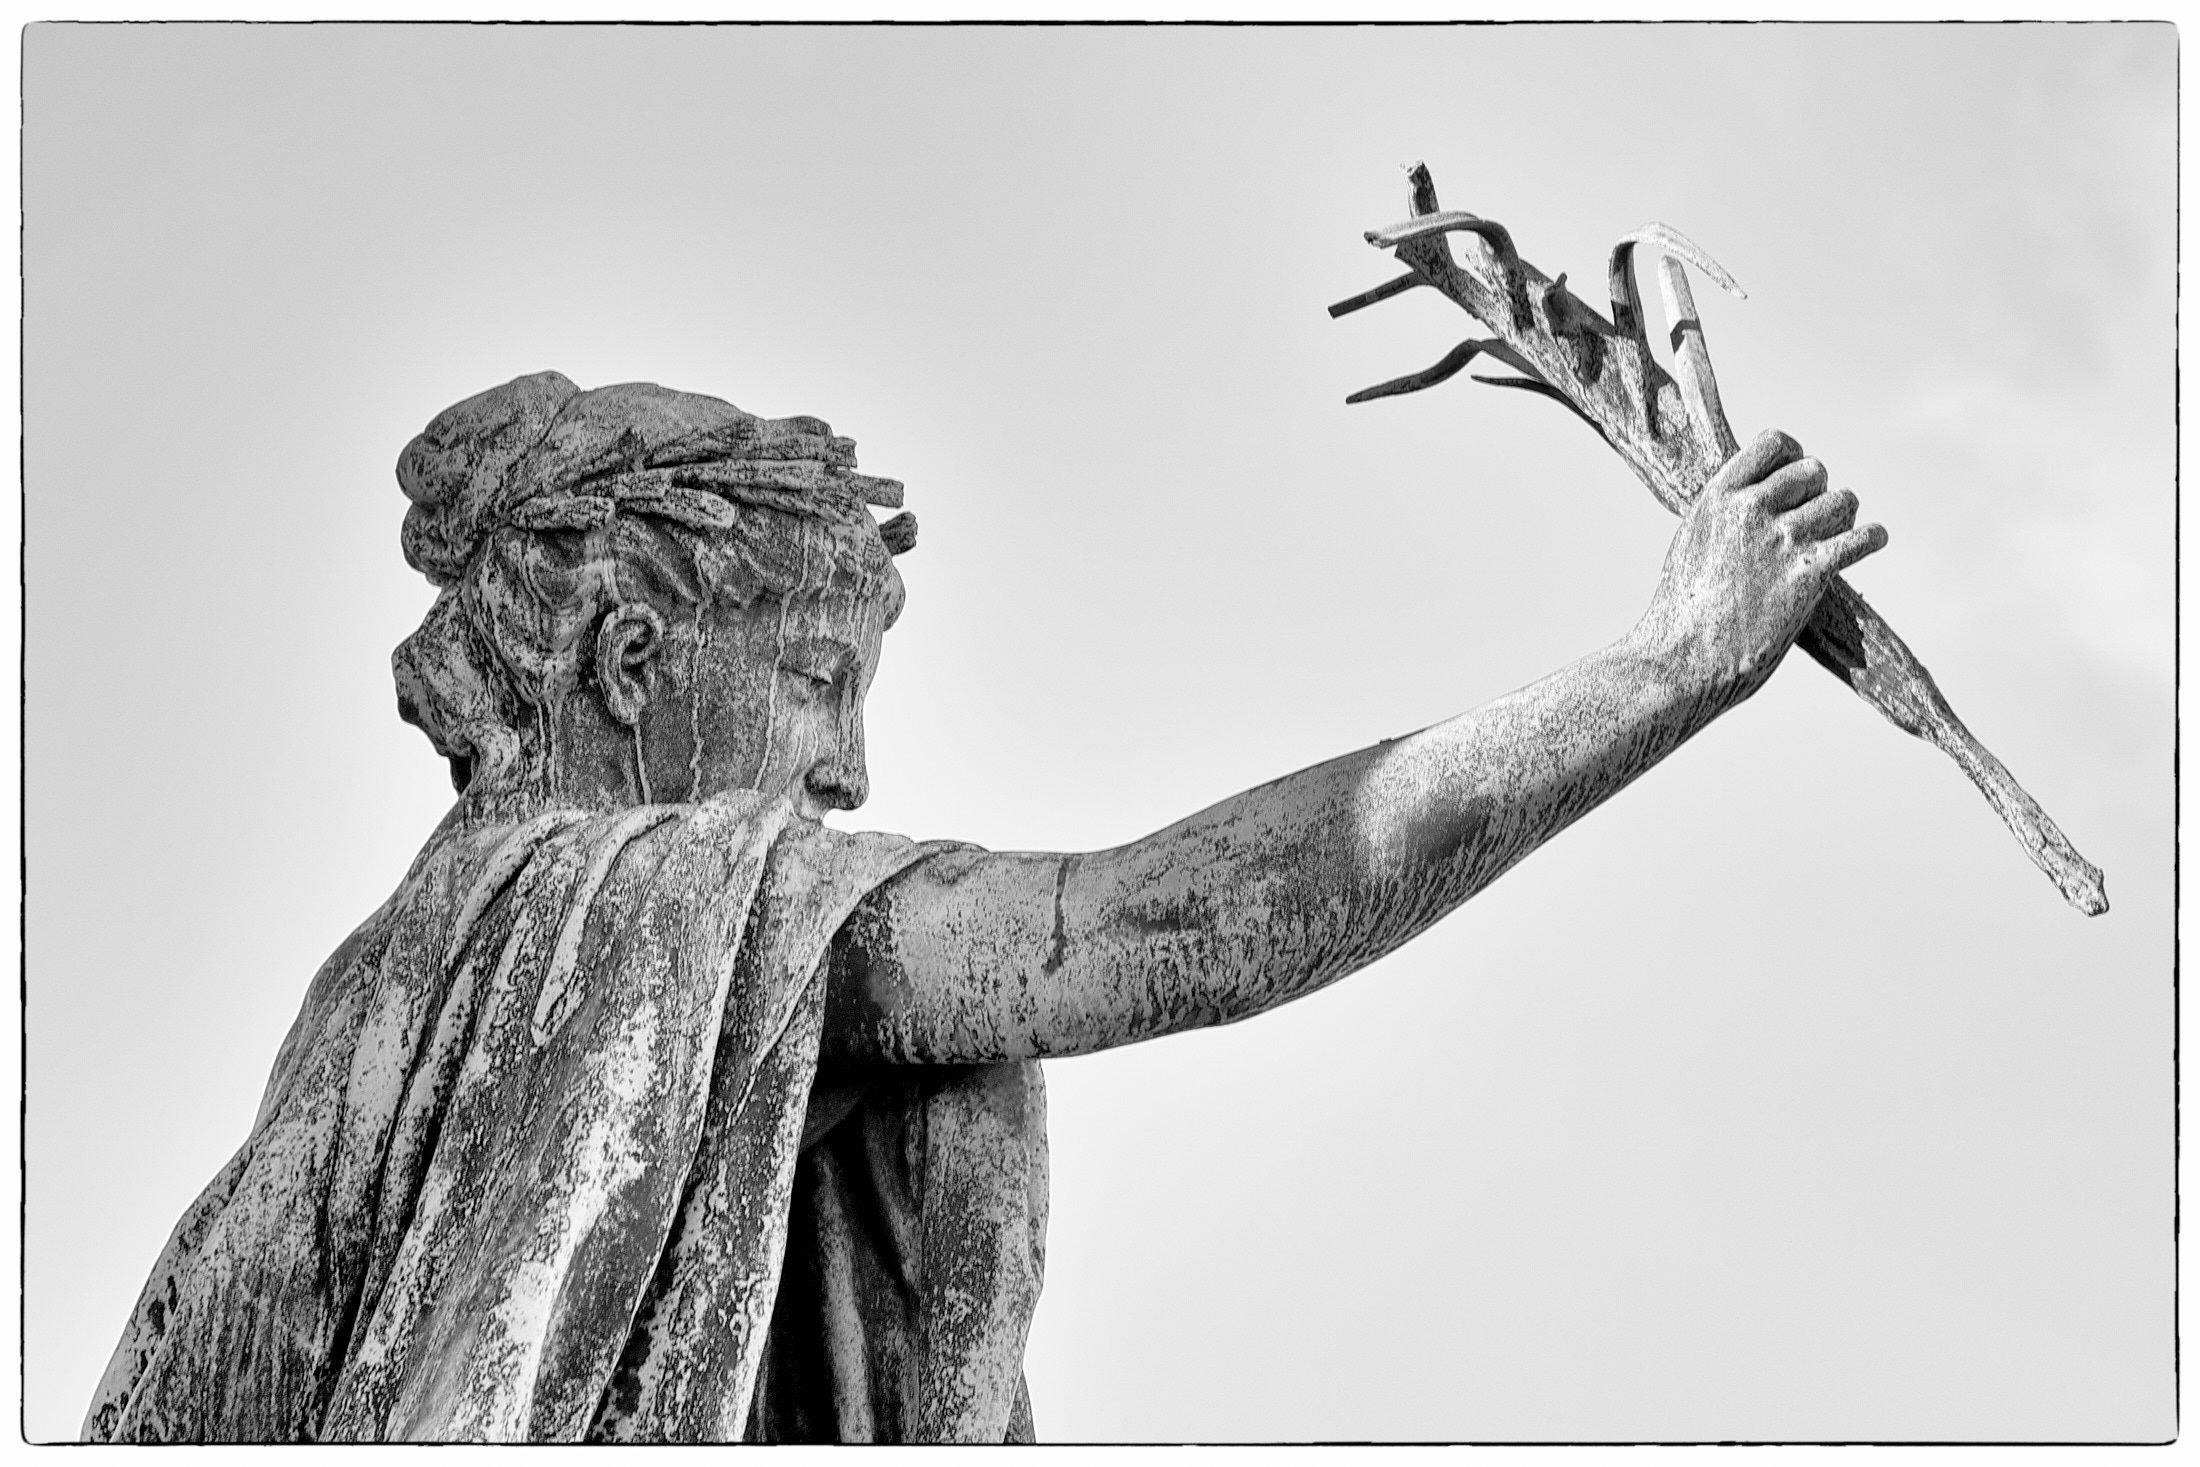 Detail, Alexander Monument, Helsinki, 2013